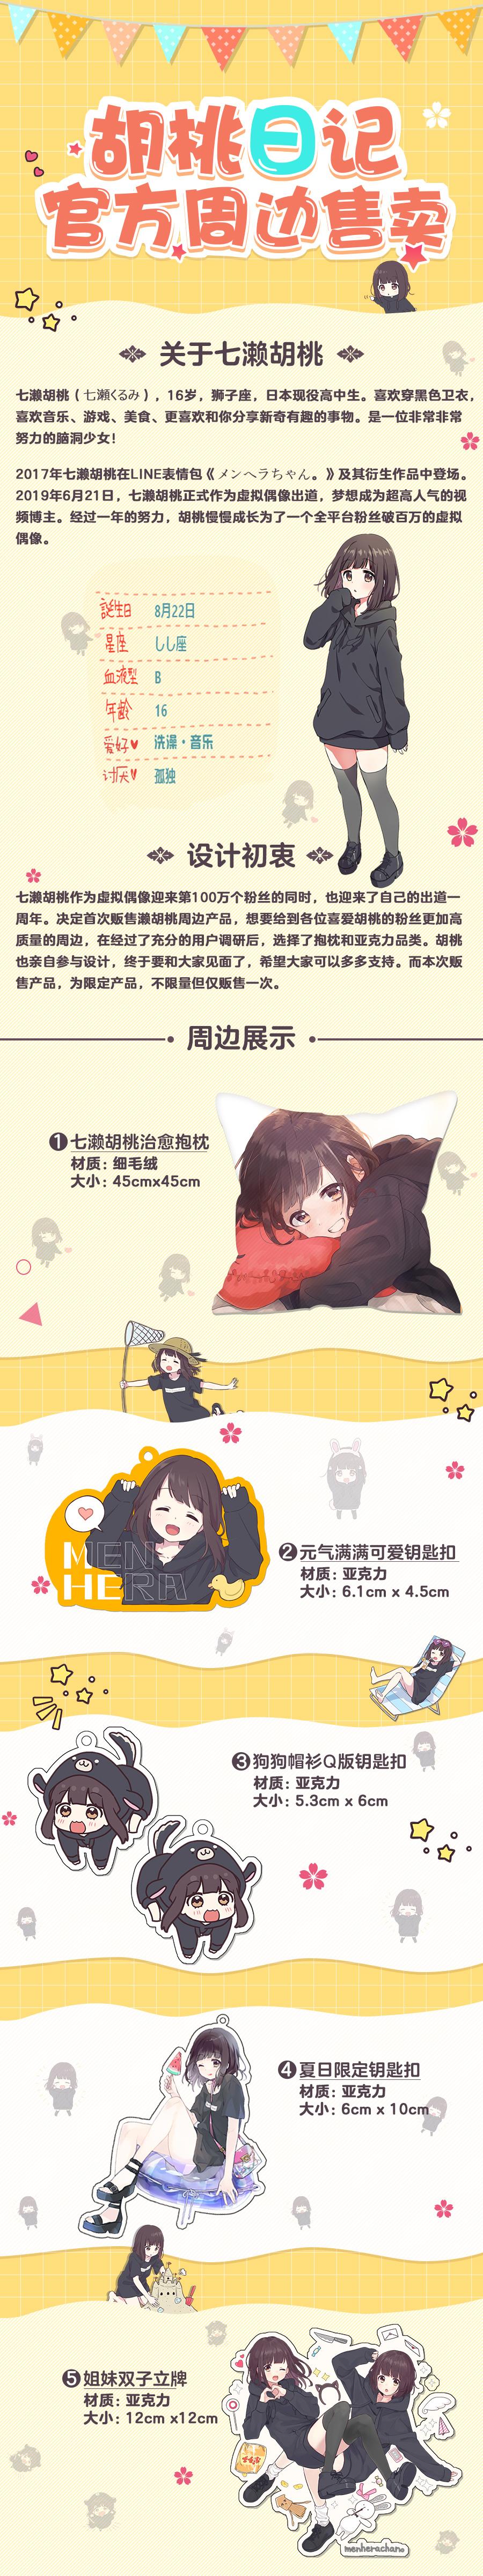 胡桃日记官方周边售卖1.jpg